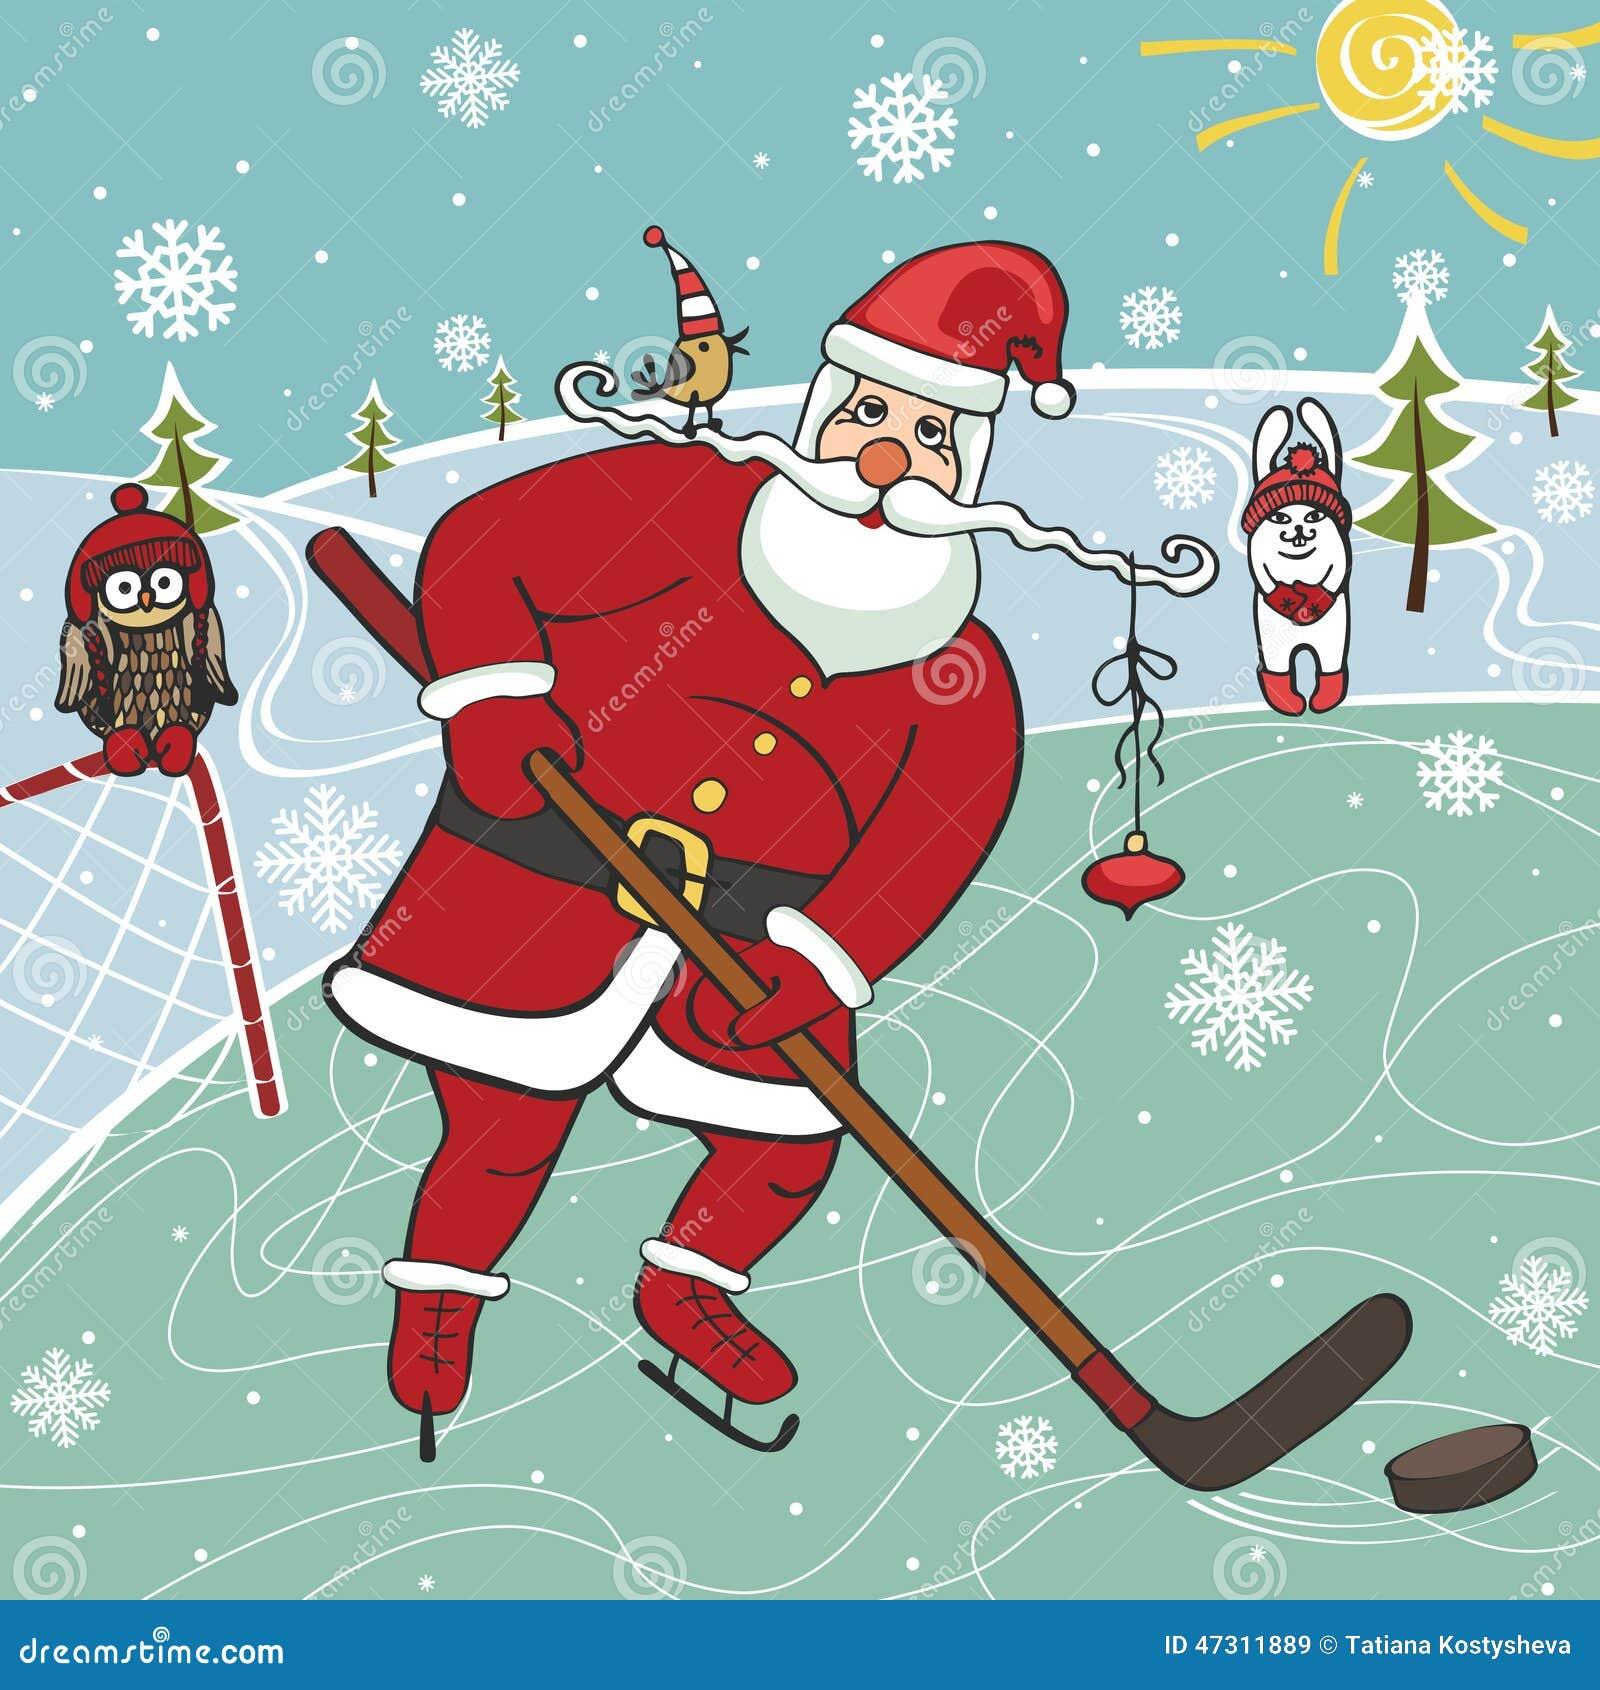 Immagini Natale Umoristiche.Santa Che Gioca Hockey Su Ghiaccio Illustrazioni Umoristiche